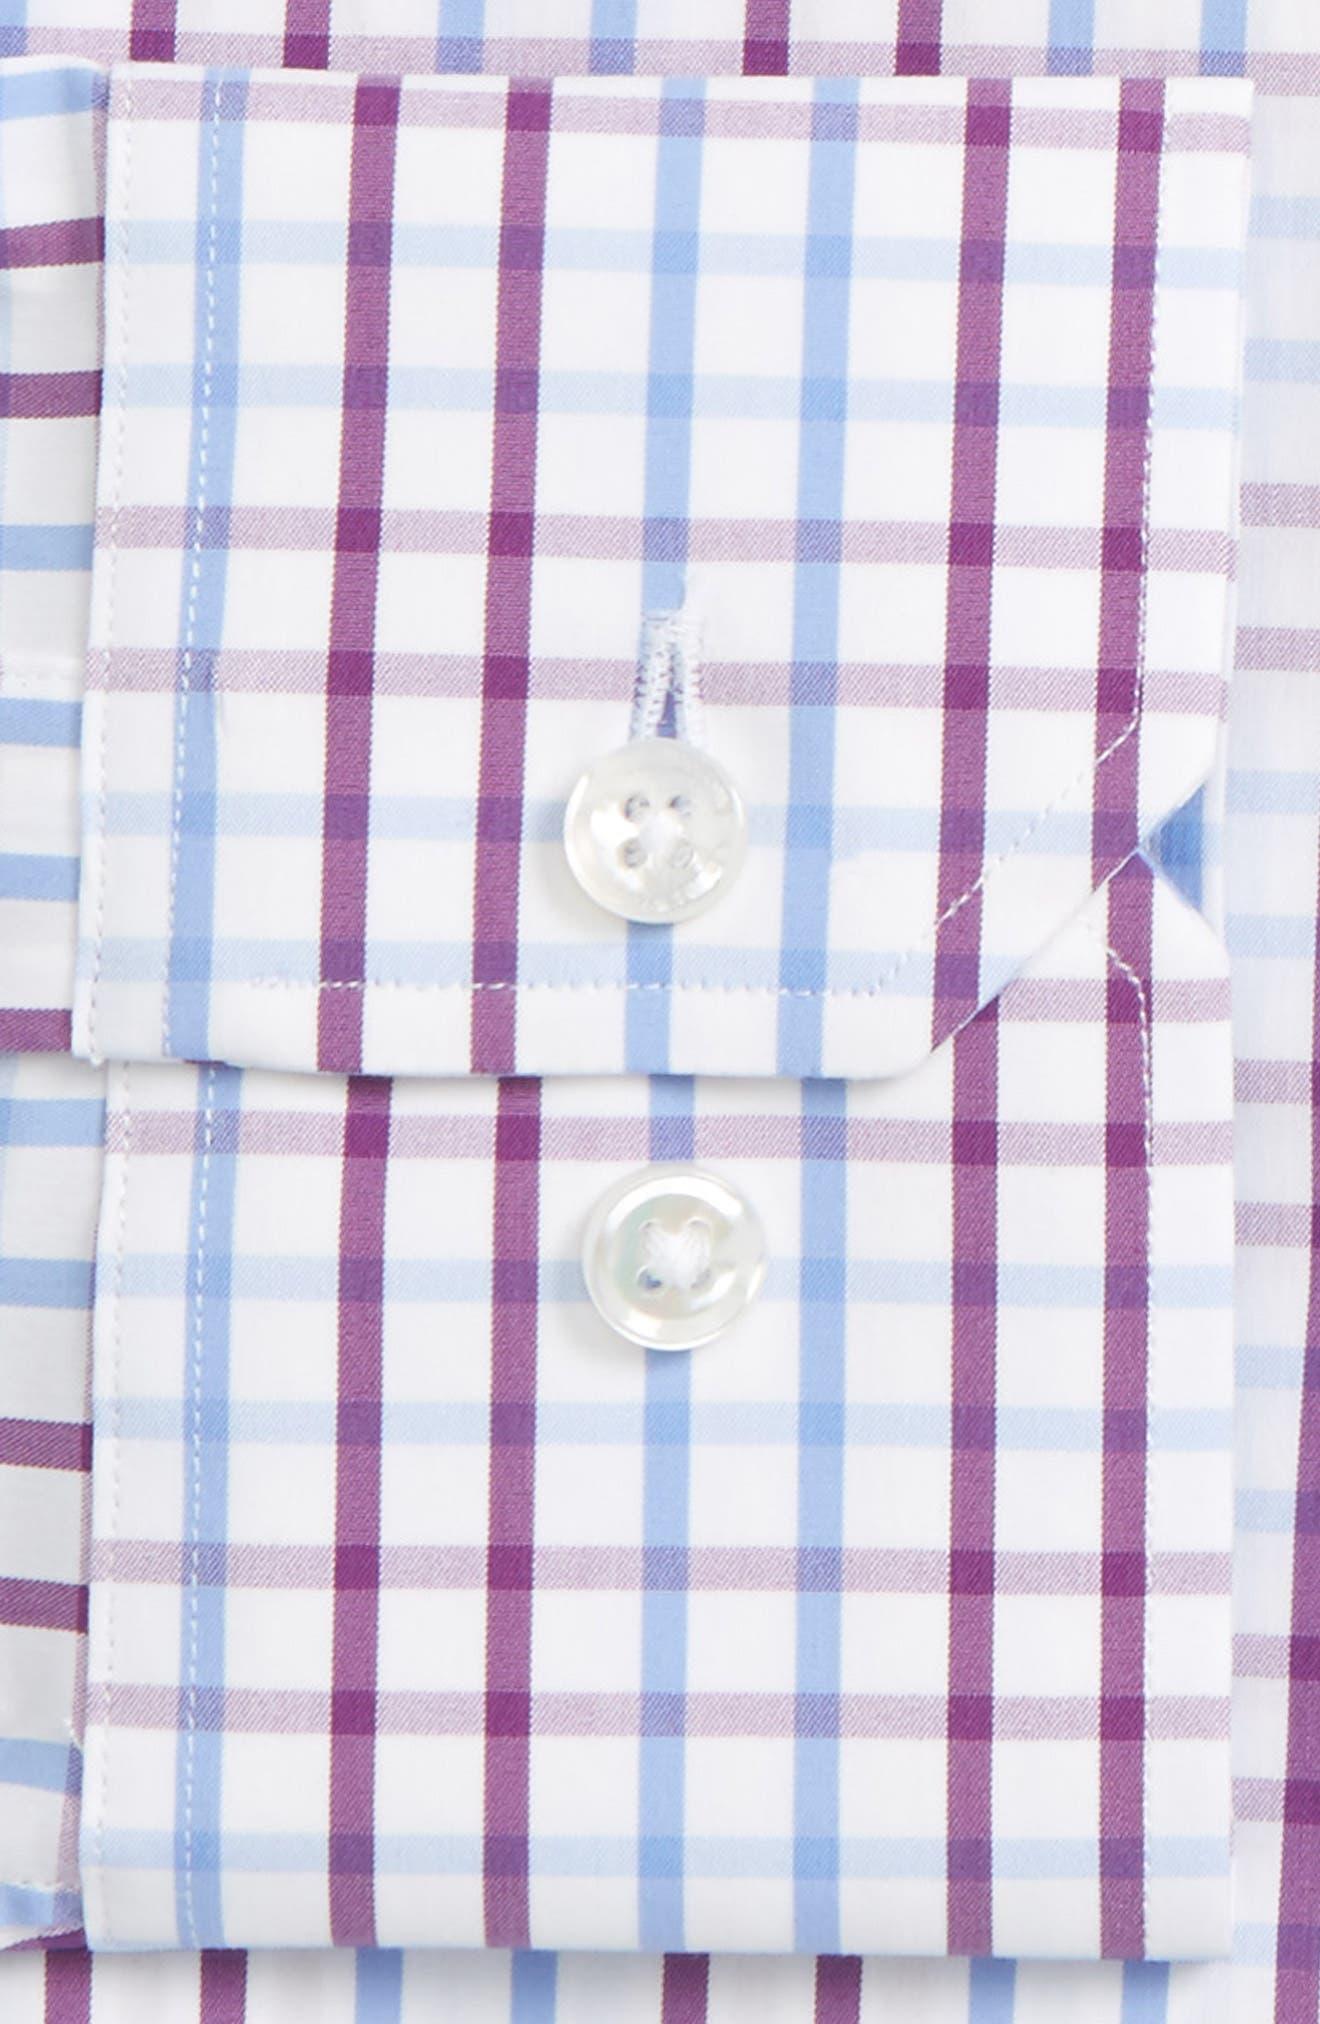 Jetsetter Slim Fit Check Dress Shirt,                             Main thumbnail 1, color,                             500